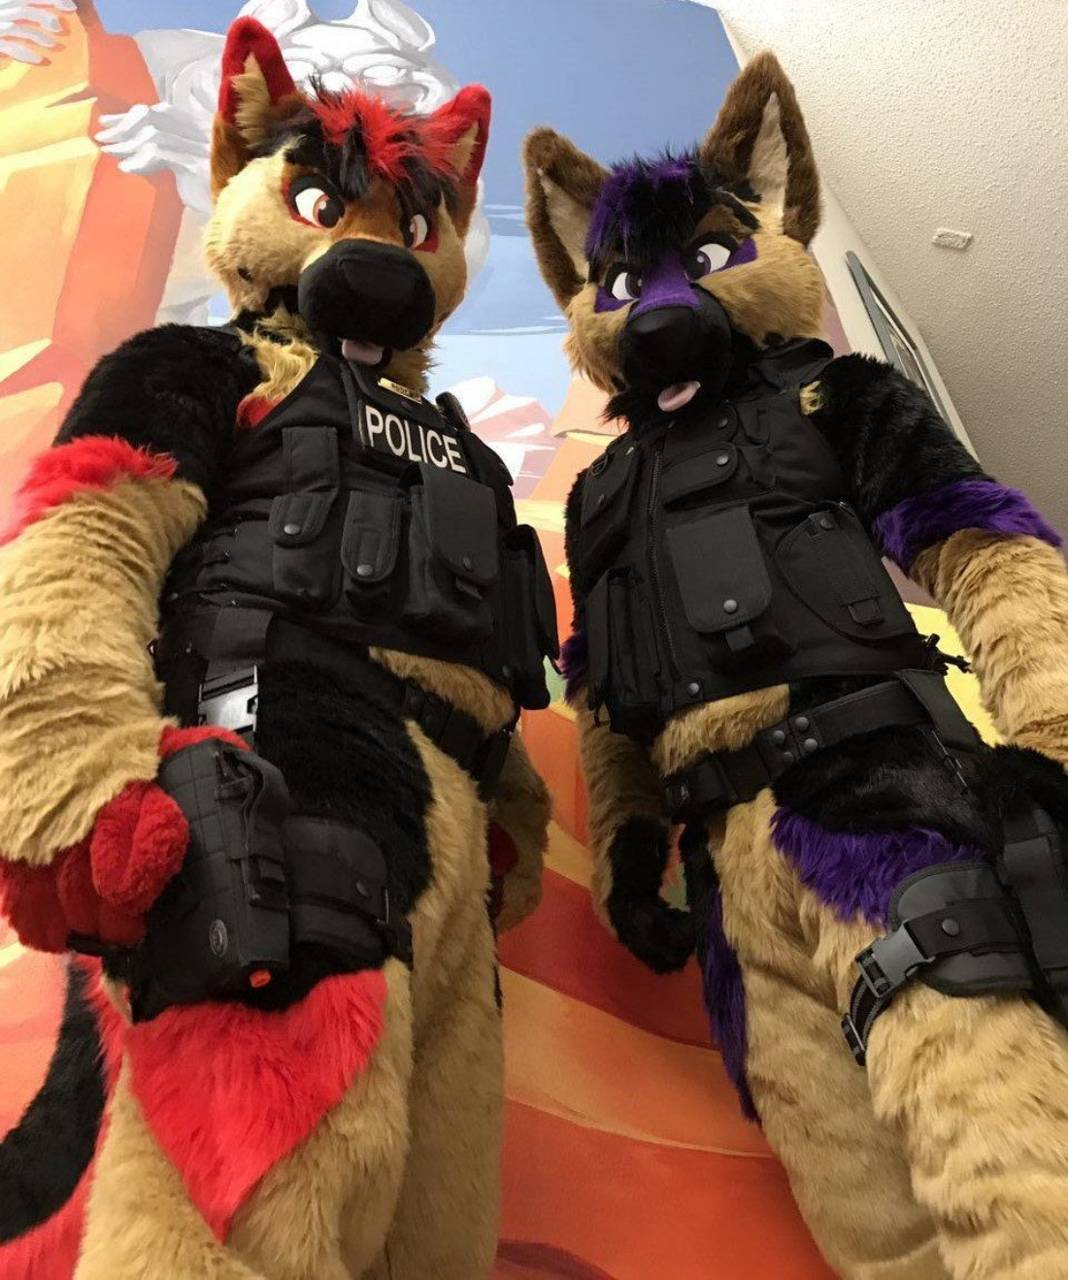 fursuit police